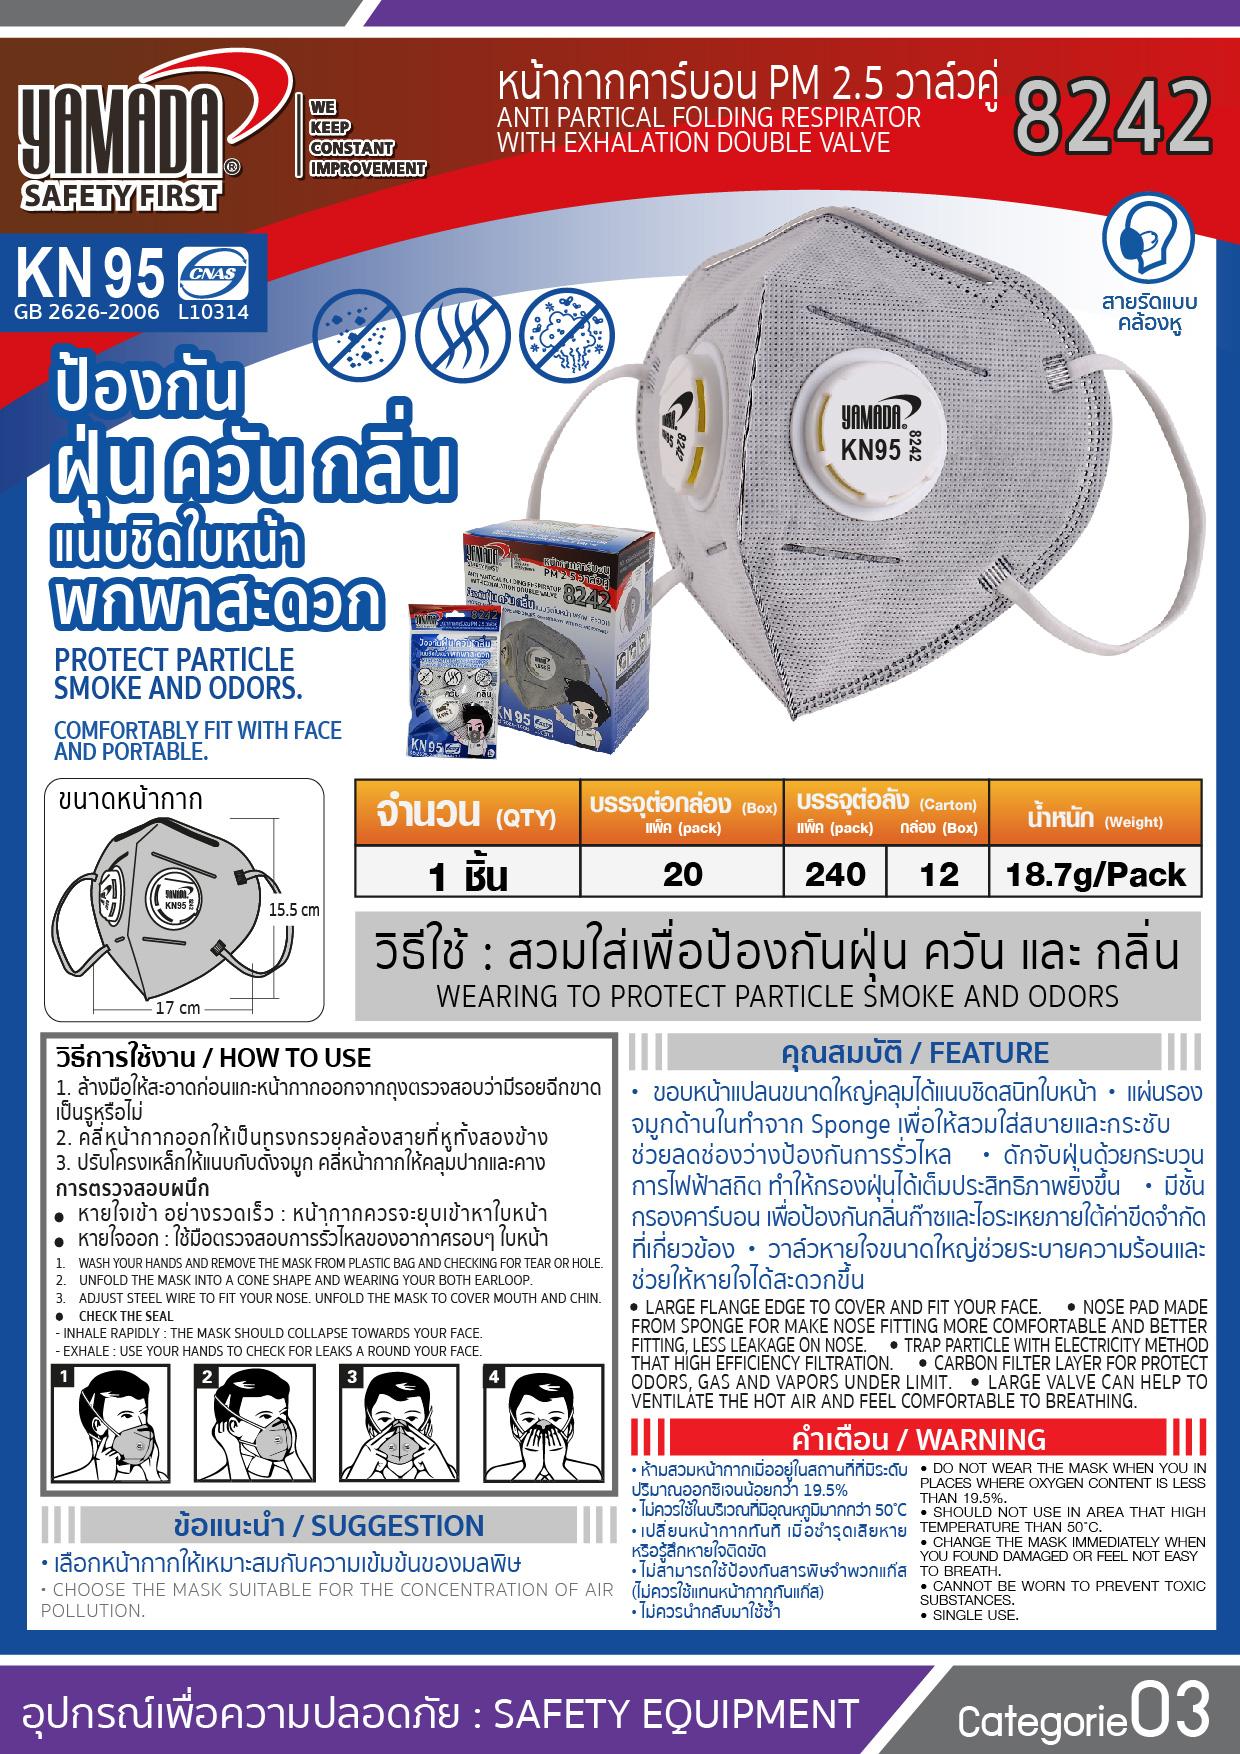 (12/14) หน้ากากคาร์บอน PM2.5 รุ่น 8242